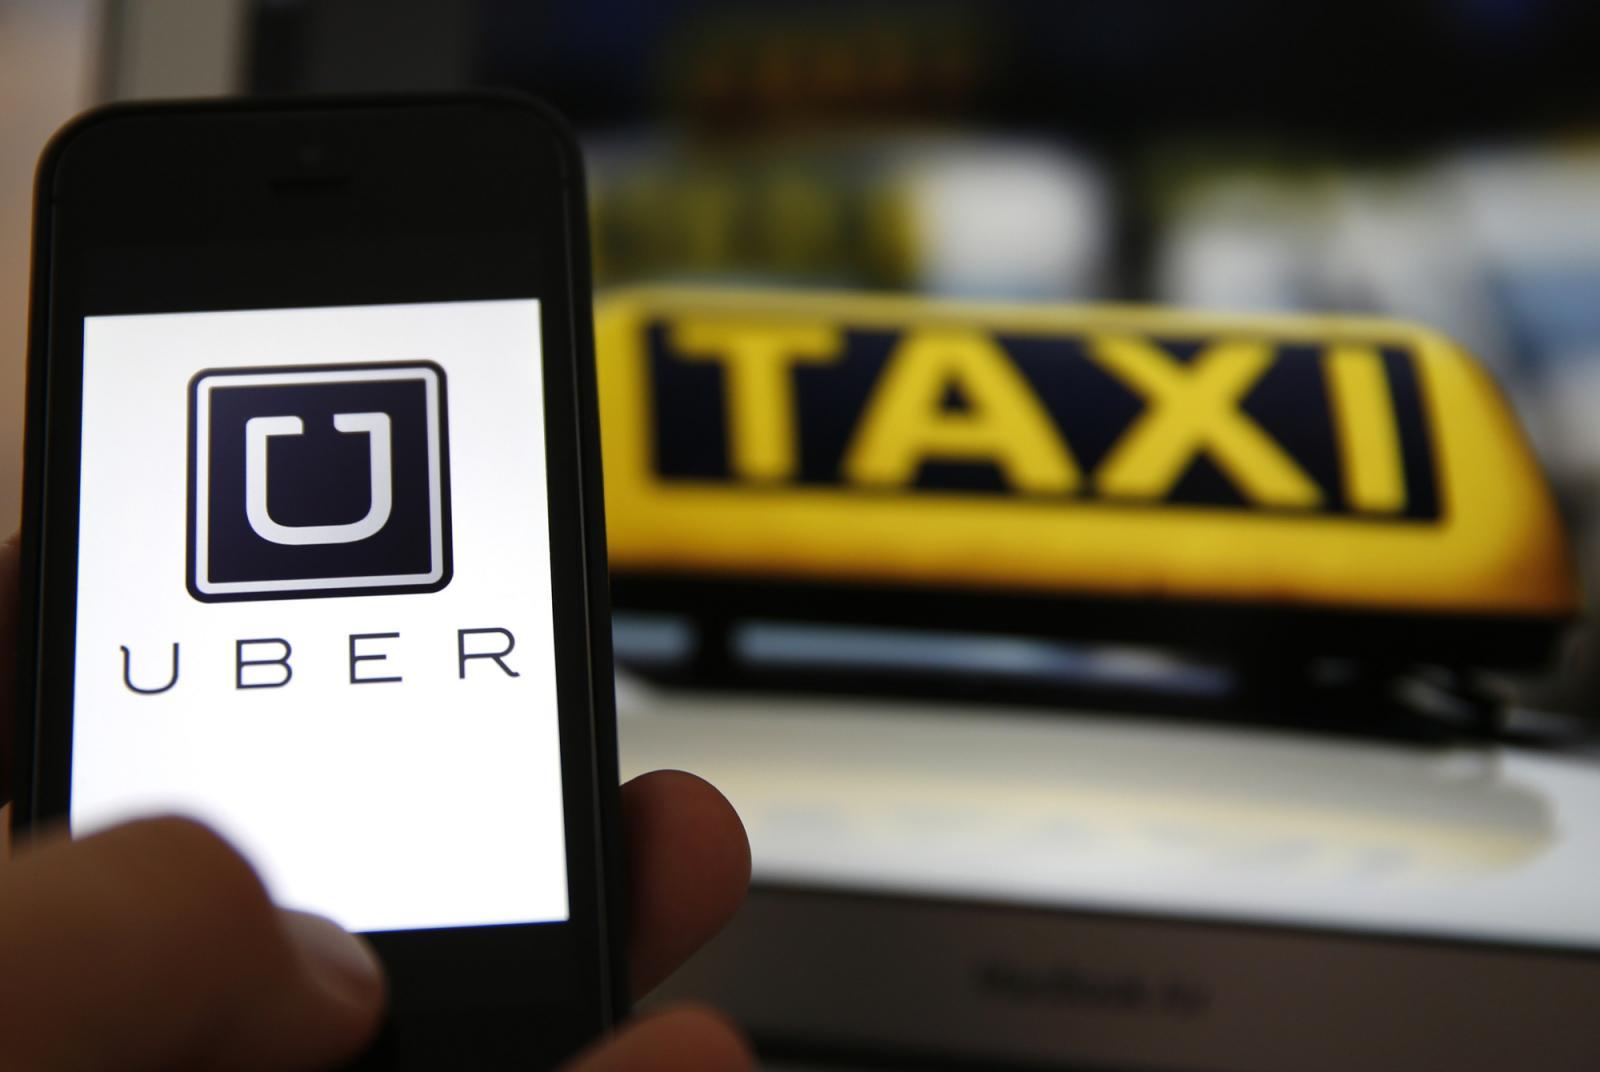 El servei de cotxes Uber ha generat un gran rebuig en el sector del taxi